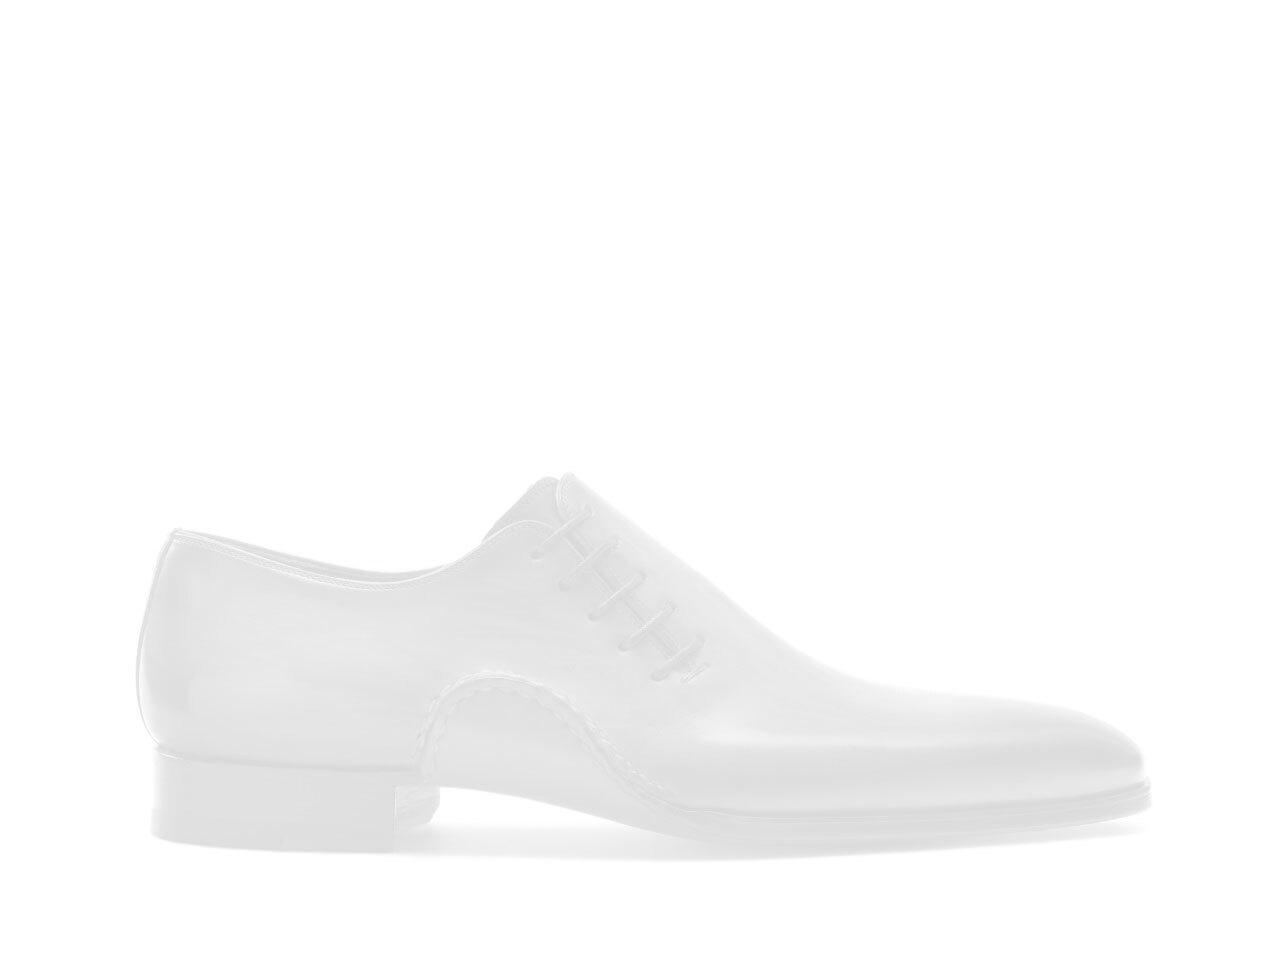 Sole of the Magnanni Saffron Black Wide Men's Oxford Shoes